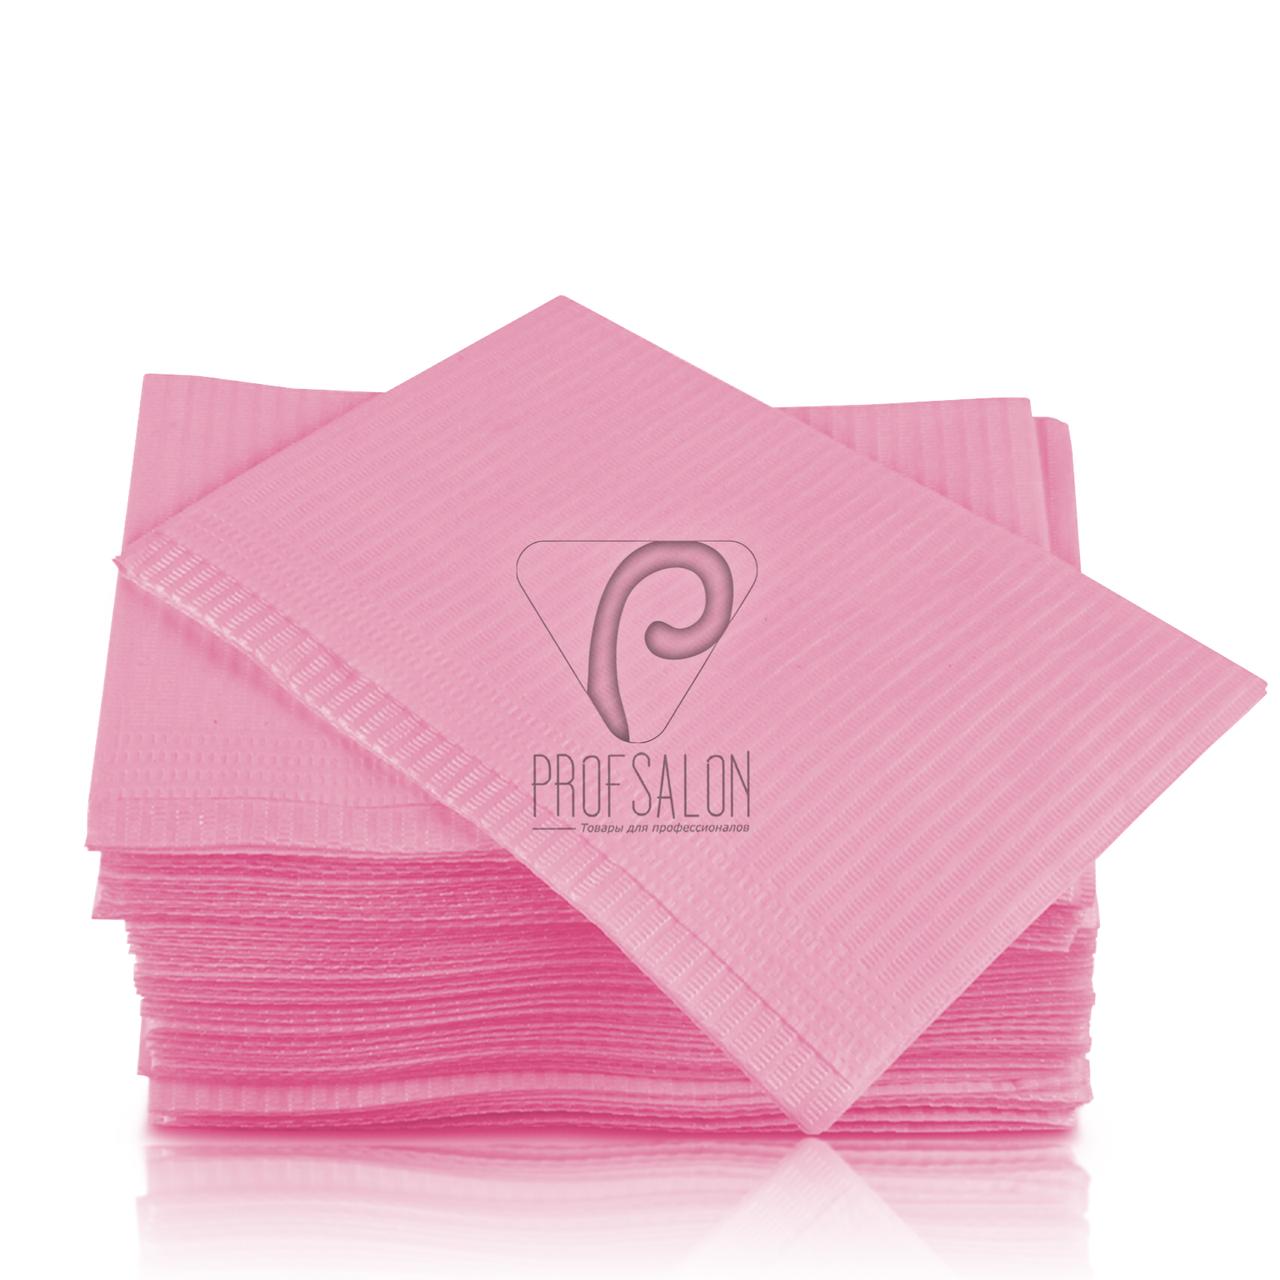 Стоматологические салфетки нагрудники непромокаемые, 125 шт, 45х32см, светло-розовые